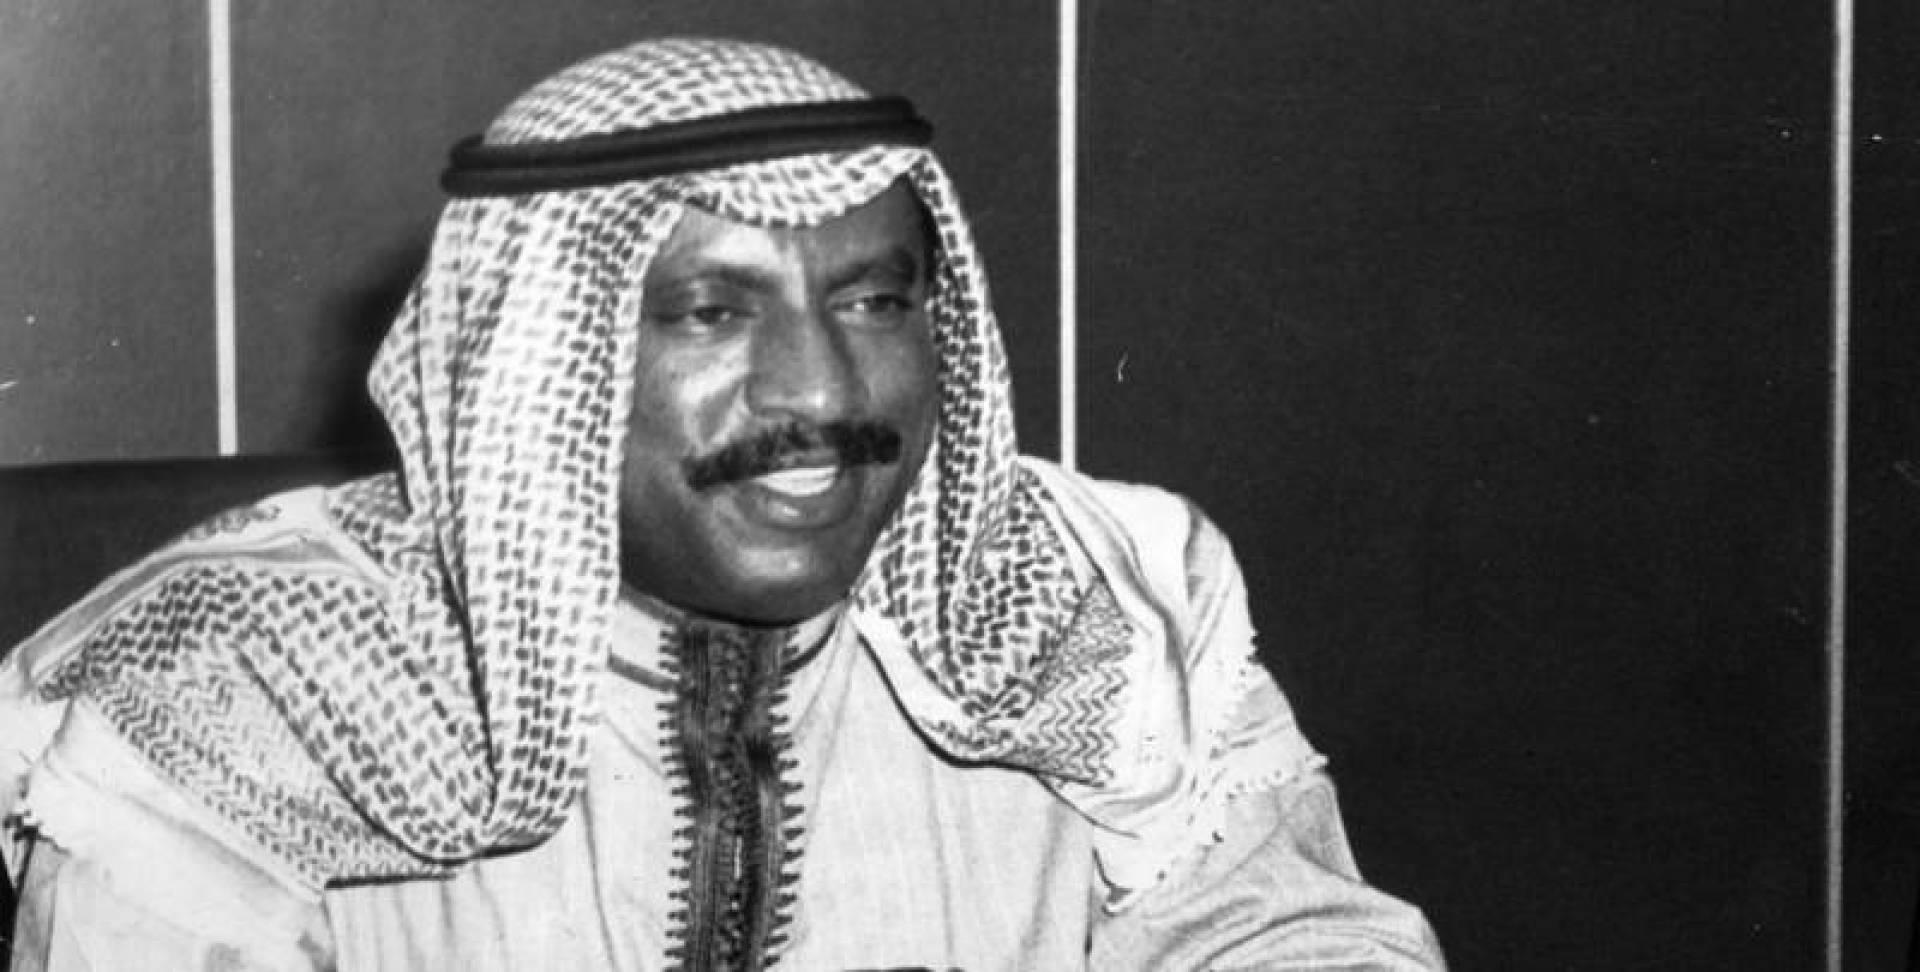 الشيخ سعد العبدالله